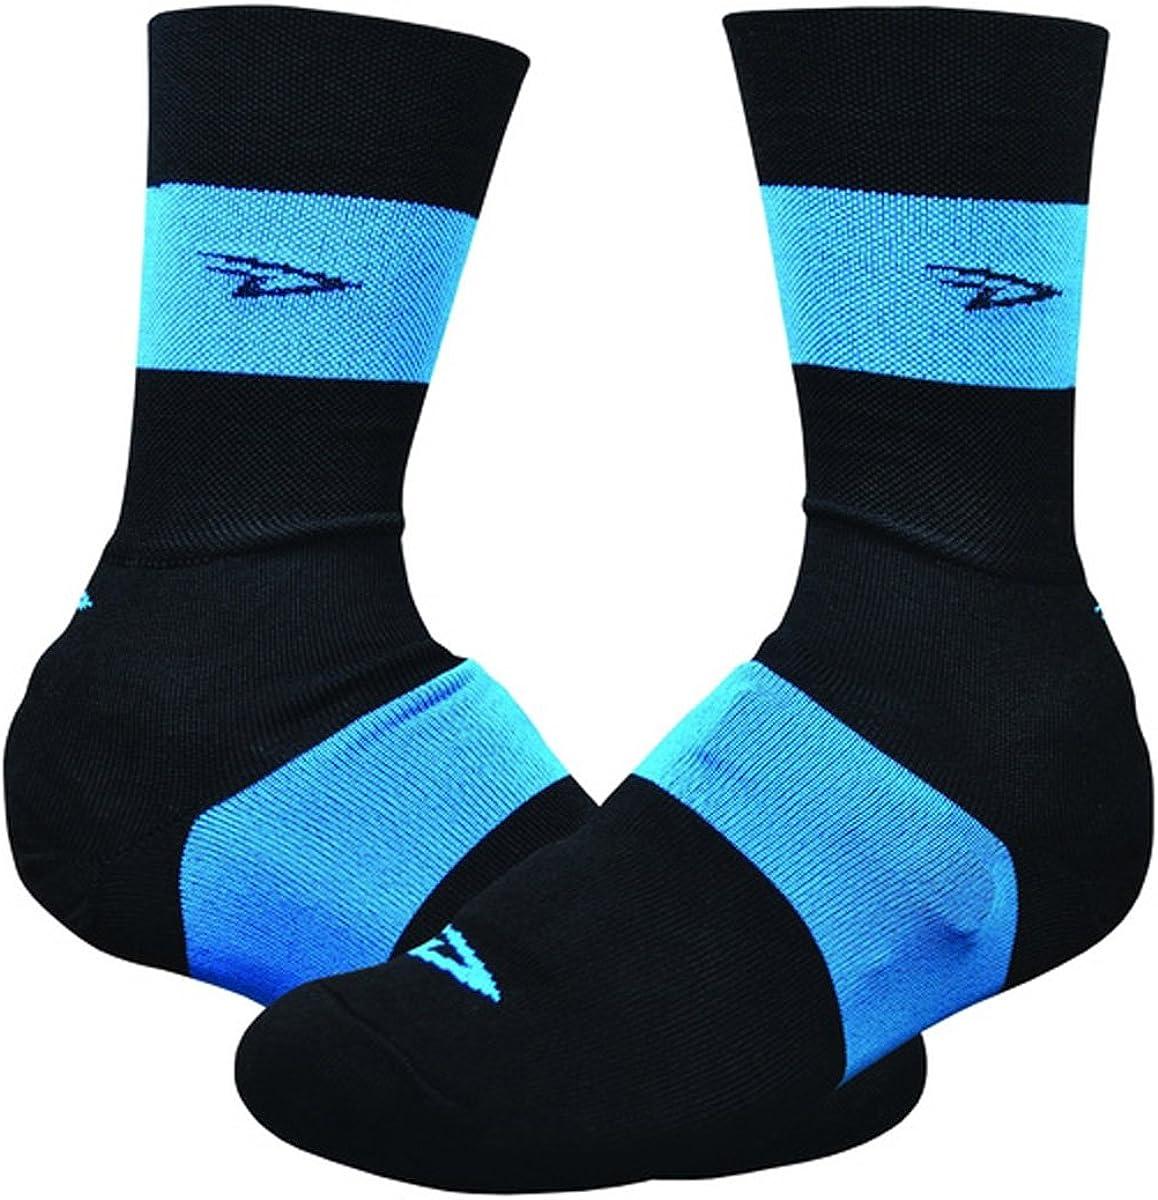 Couvre Chaussures Slisptream Bleu et Noir 6 Pouces Defeet